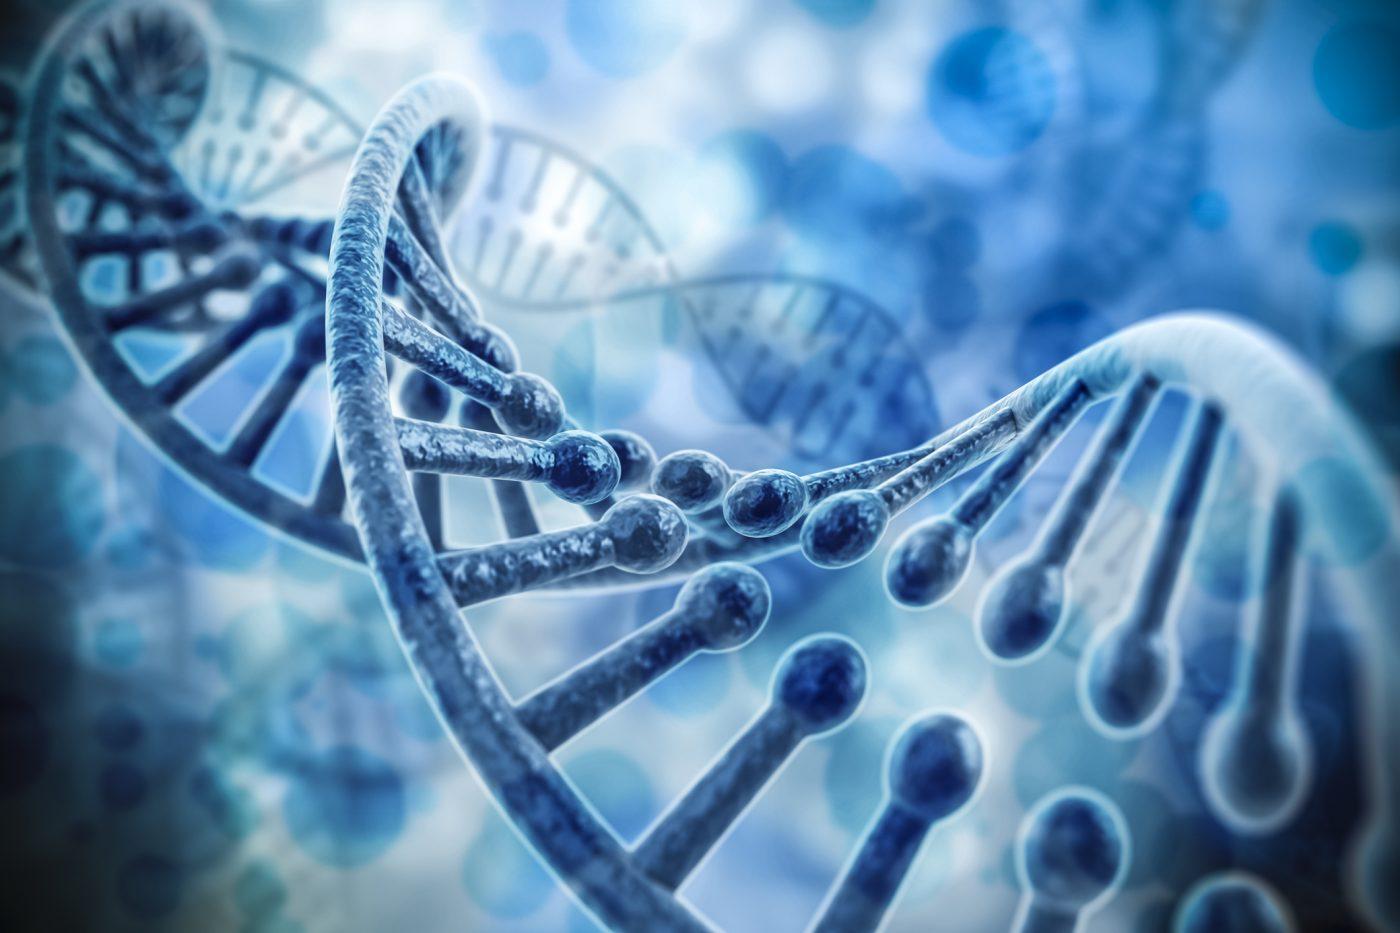 【業界分析:マイクロバイオーム】腸内フローラ市場の可能性。欧米での基盤研究の進展と、ベンチャー企業の取組